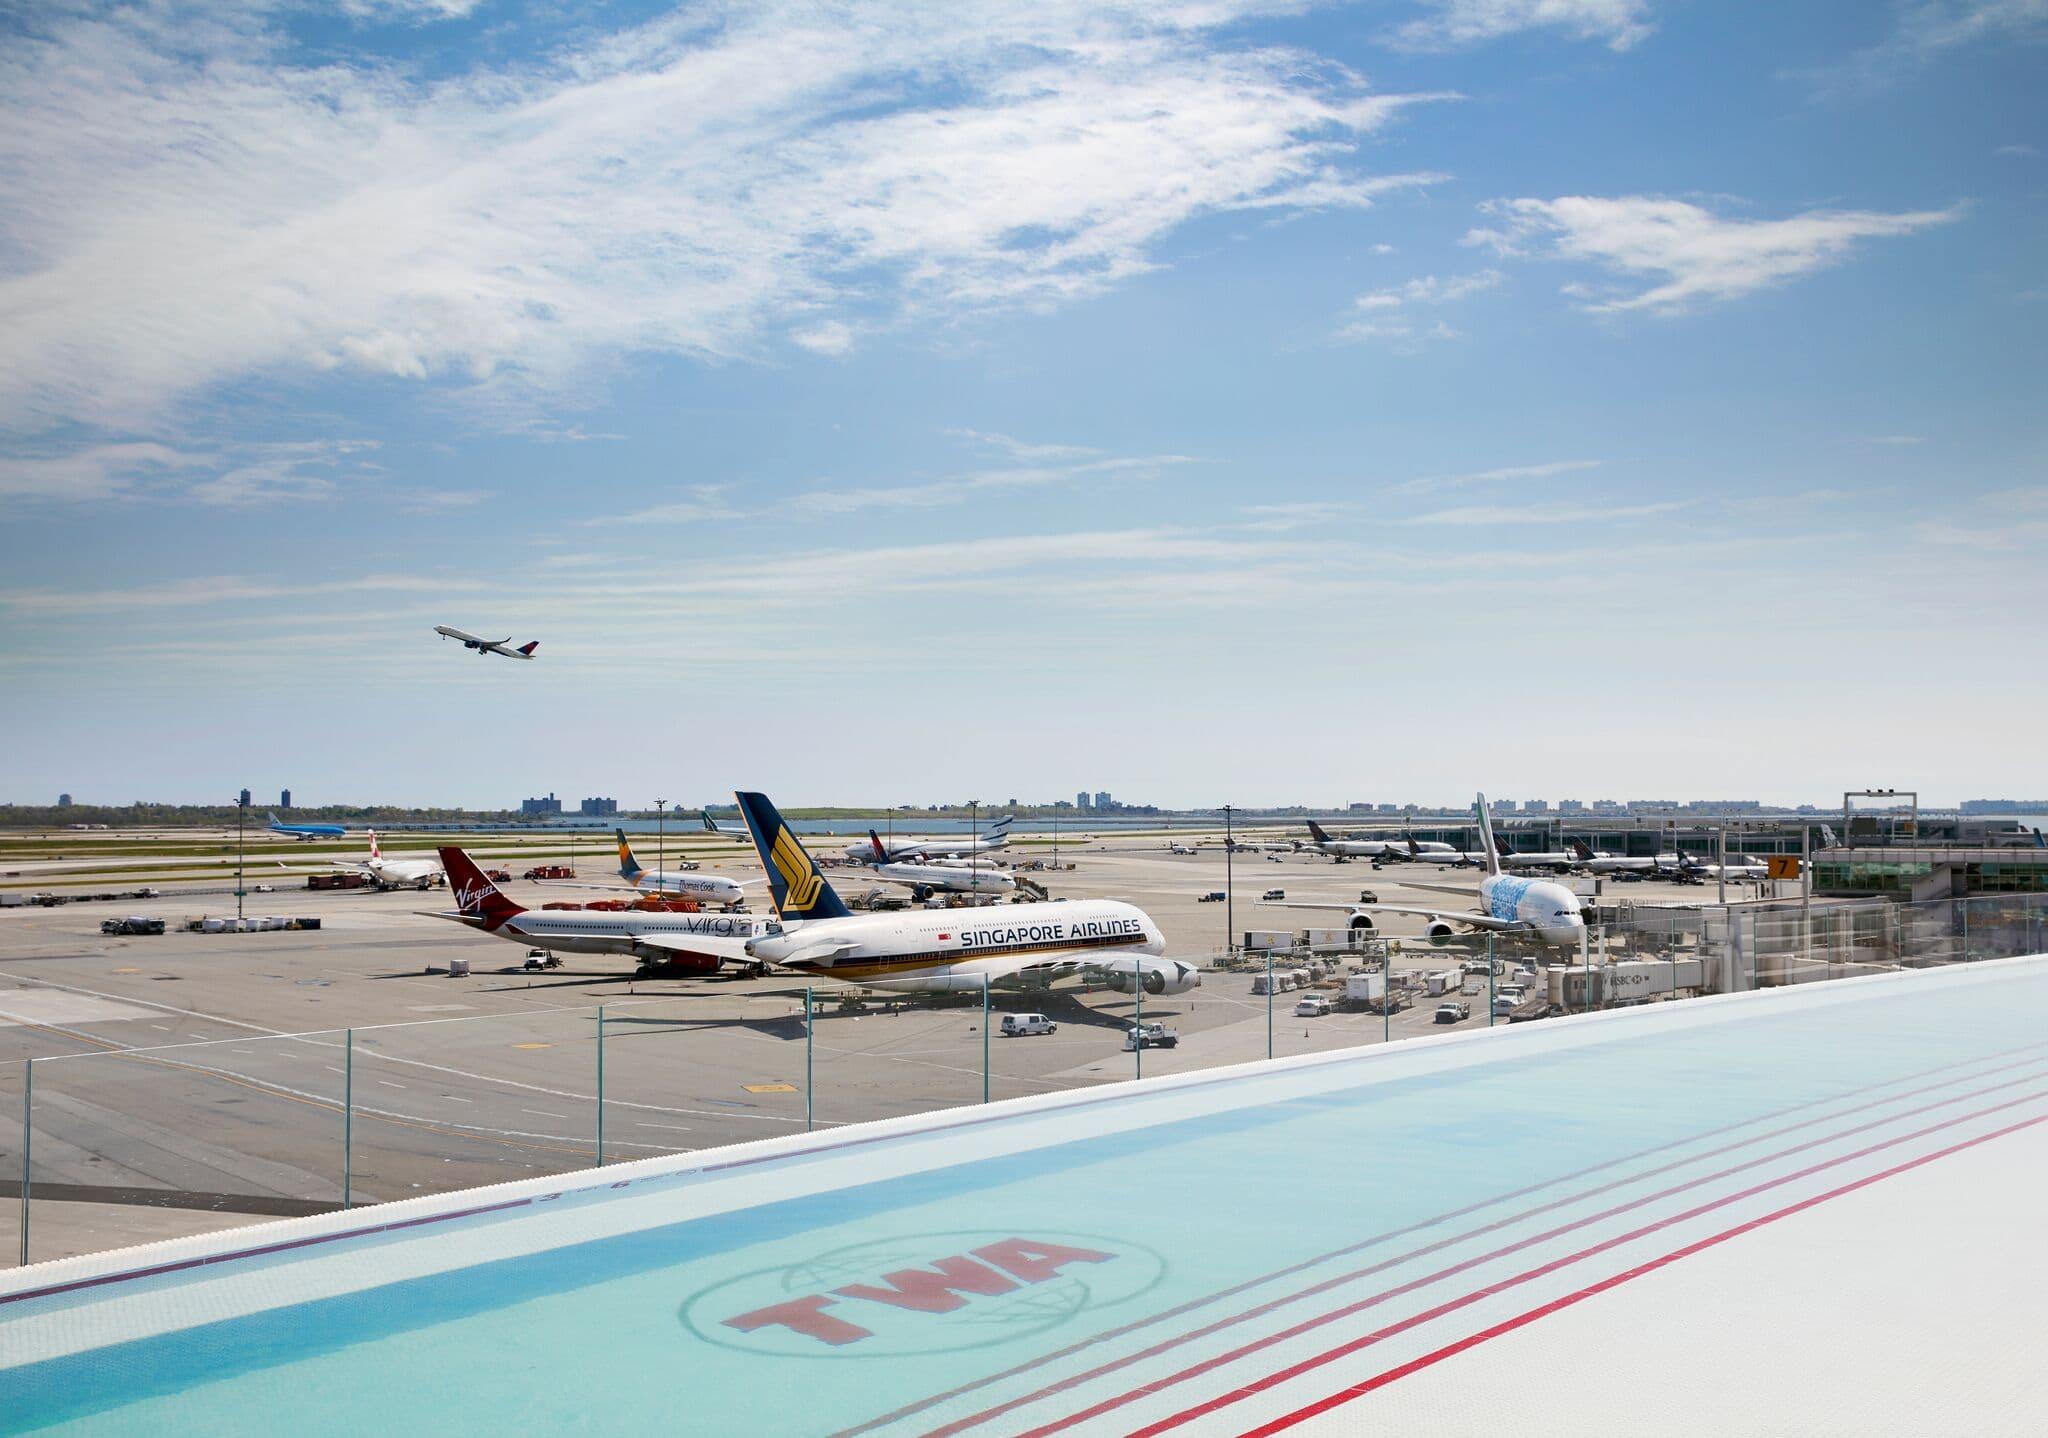 El aeropuerto de Madrid entre los 5 más cuquis del mundo 5